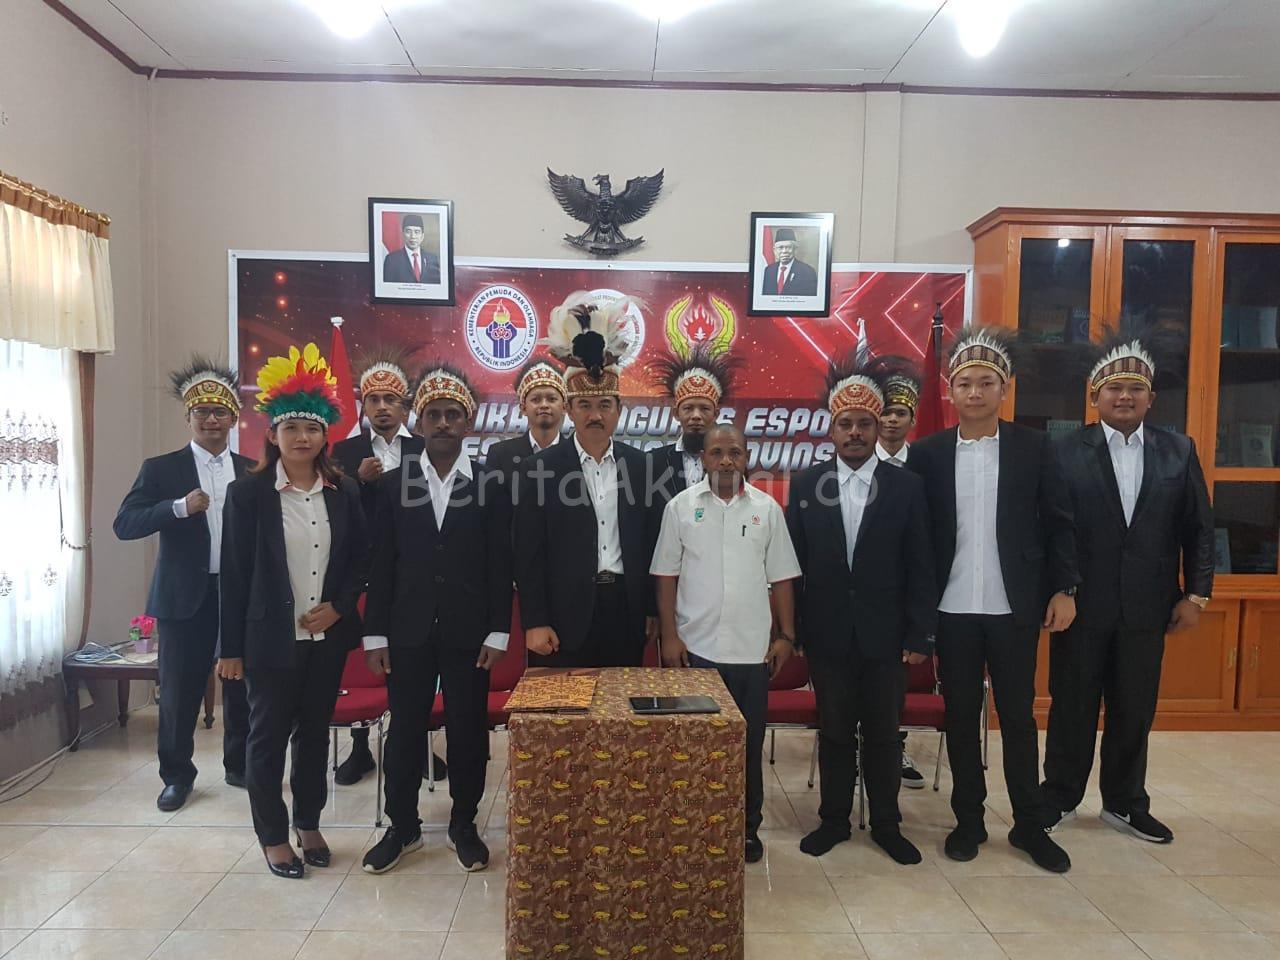 Pertama di Indonesia, Pengurus Esport Papua Barat Dilantik Serentak Secara Virtual 4 IMG 20200316 WA0033